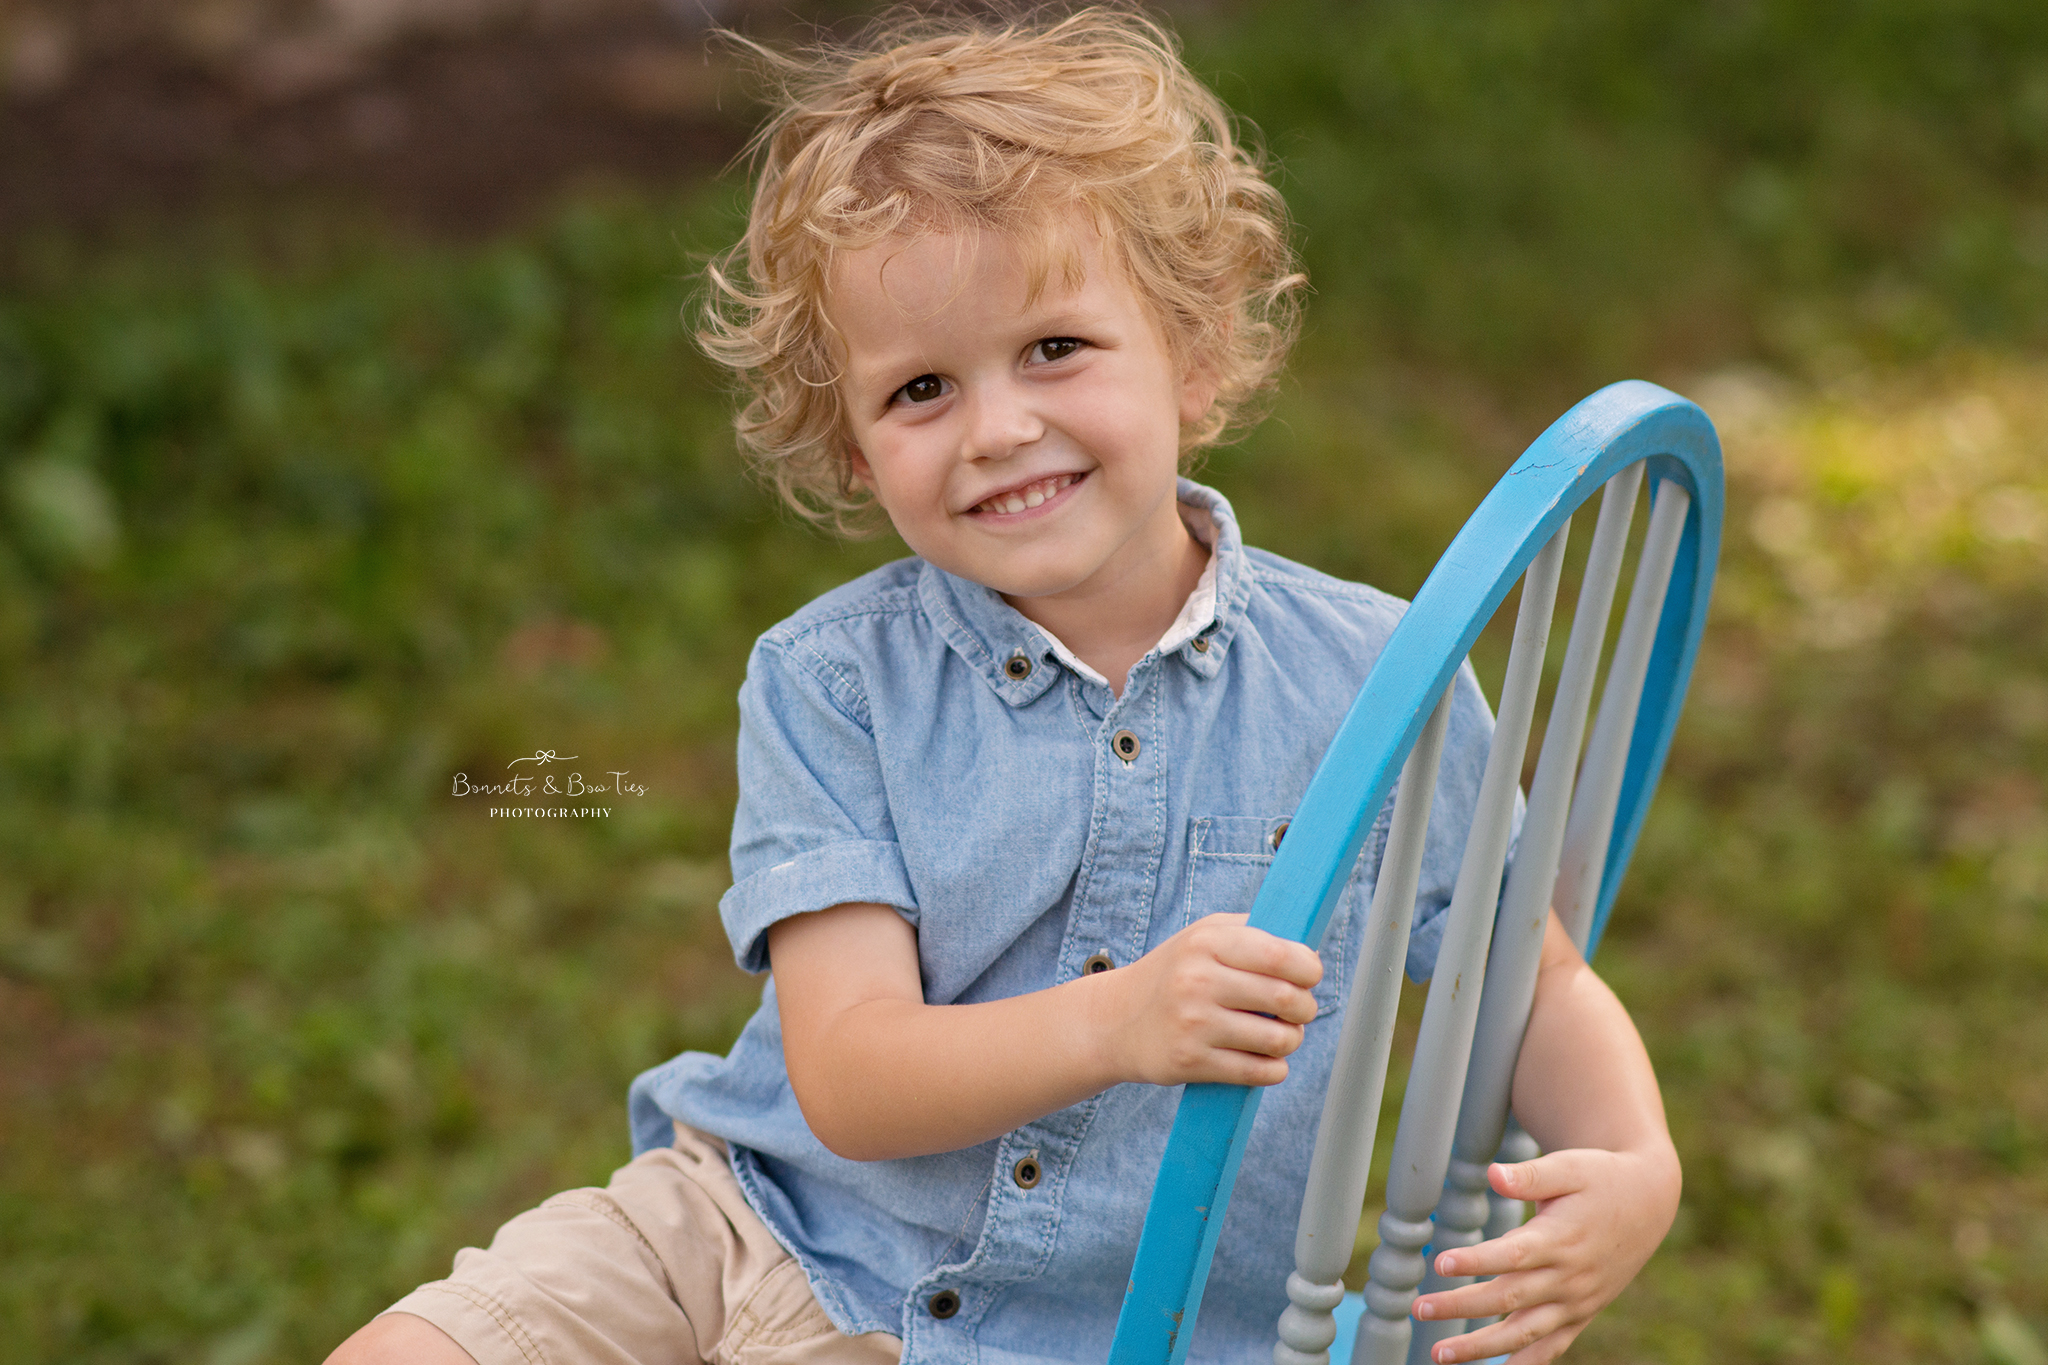 portrait of a boy wearing blue.jpg